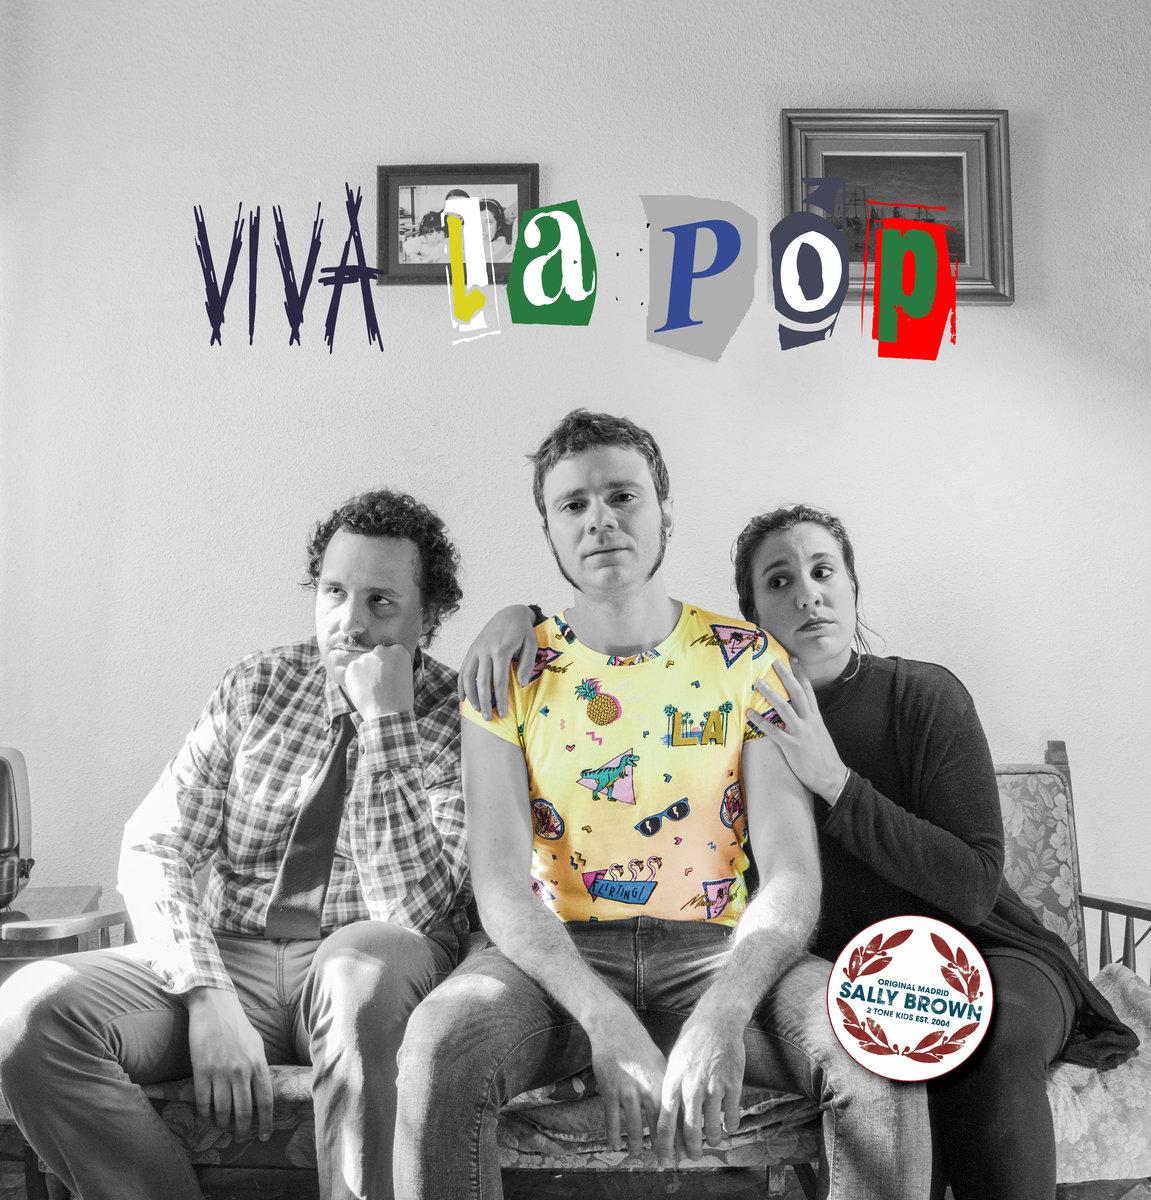 portada del album Viva la Pop